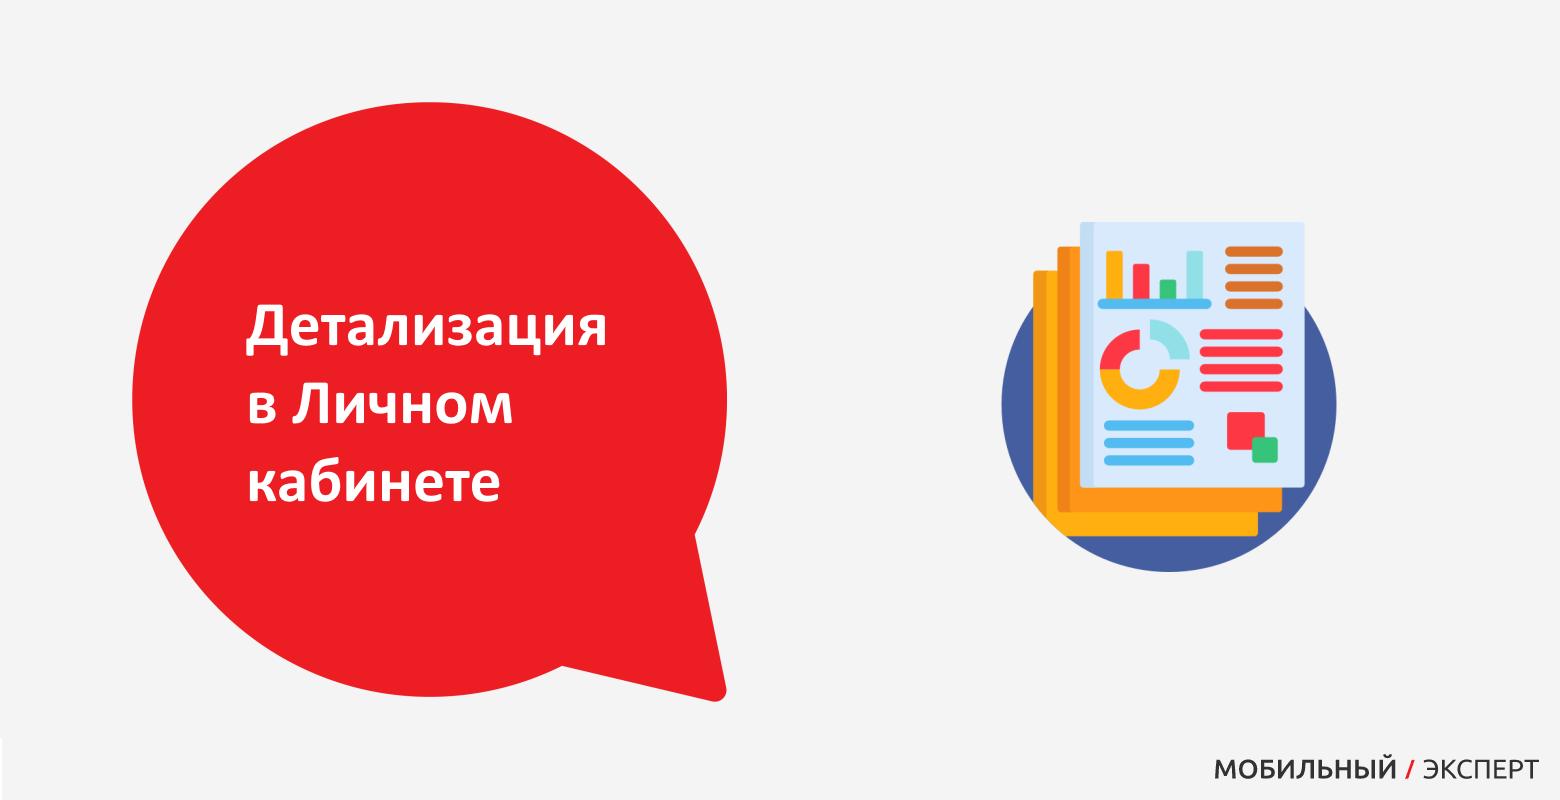 Детализация в Личном кабинете и приложении МегаФон